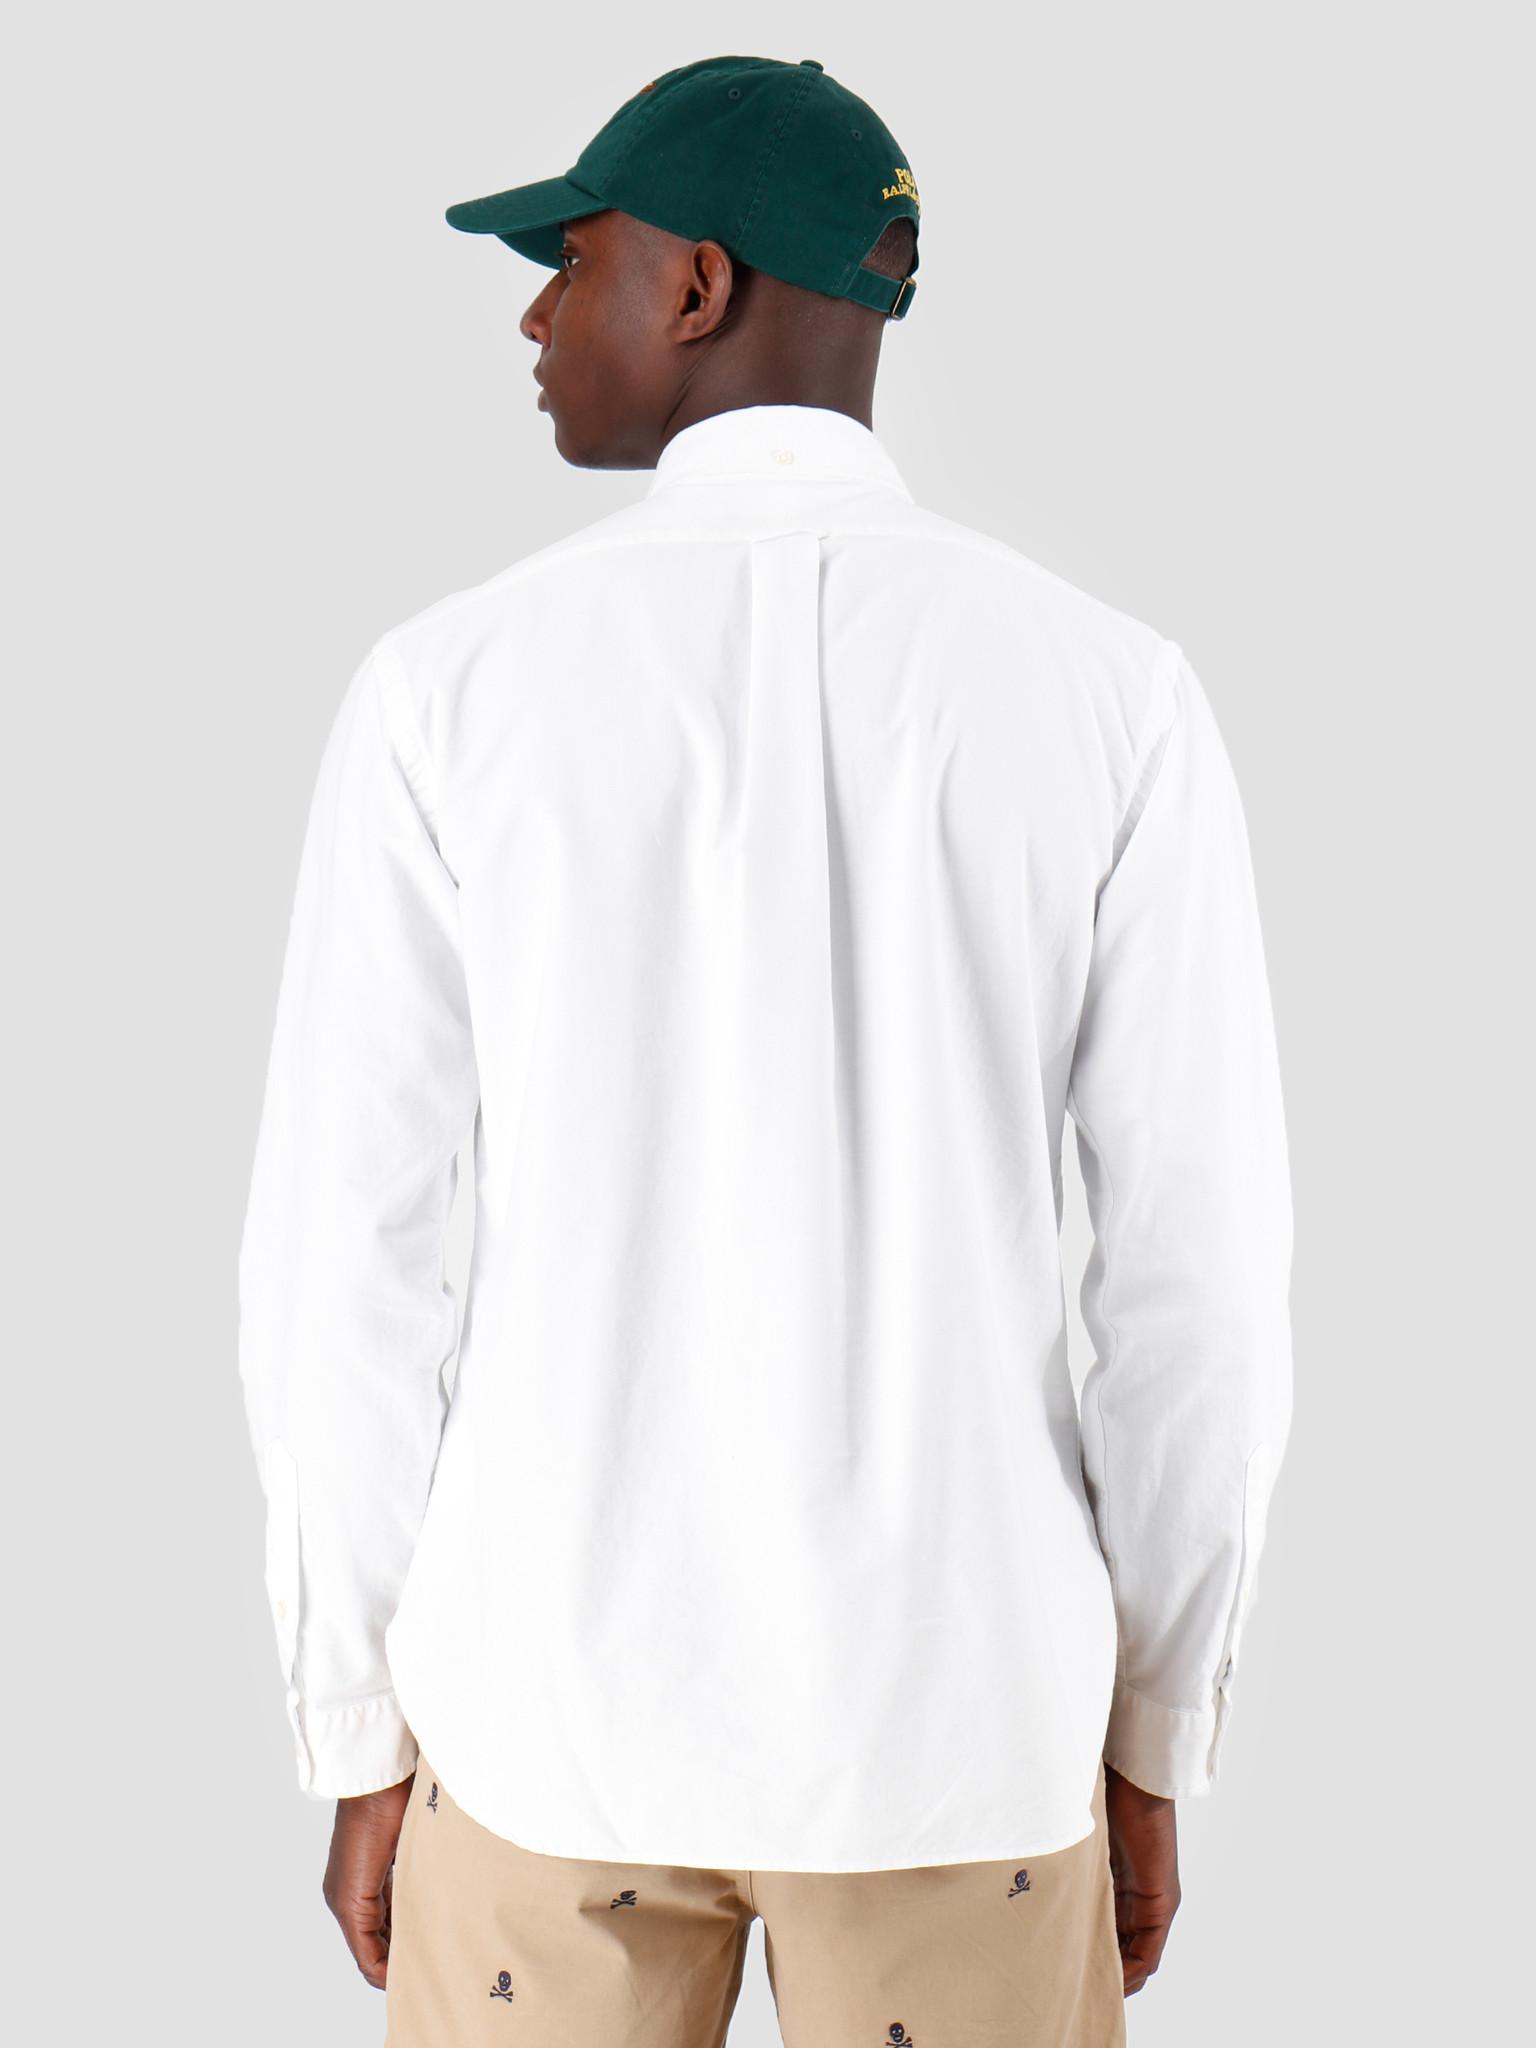 Polo Ralph Lauren Polo Ralph Lauren Oxford Longsleeve Sport Shirt White 710761368001